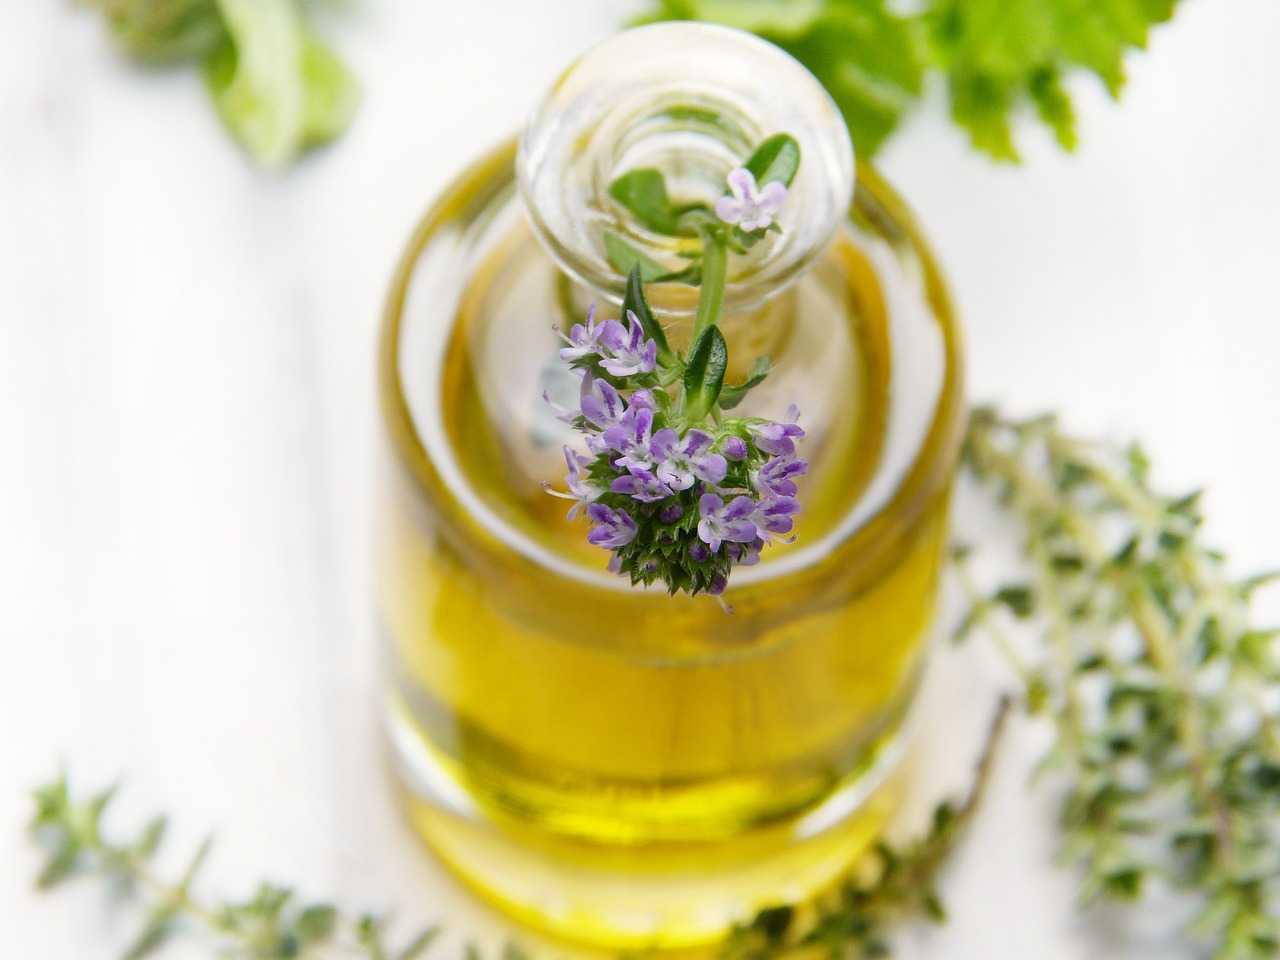 come prendersi cura della pelle grassa con i rimedi naturali